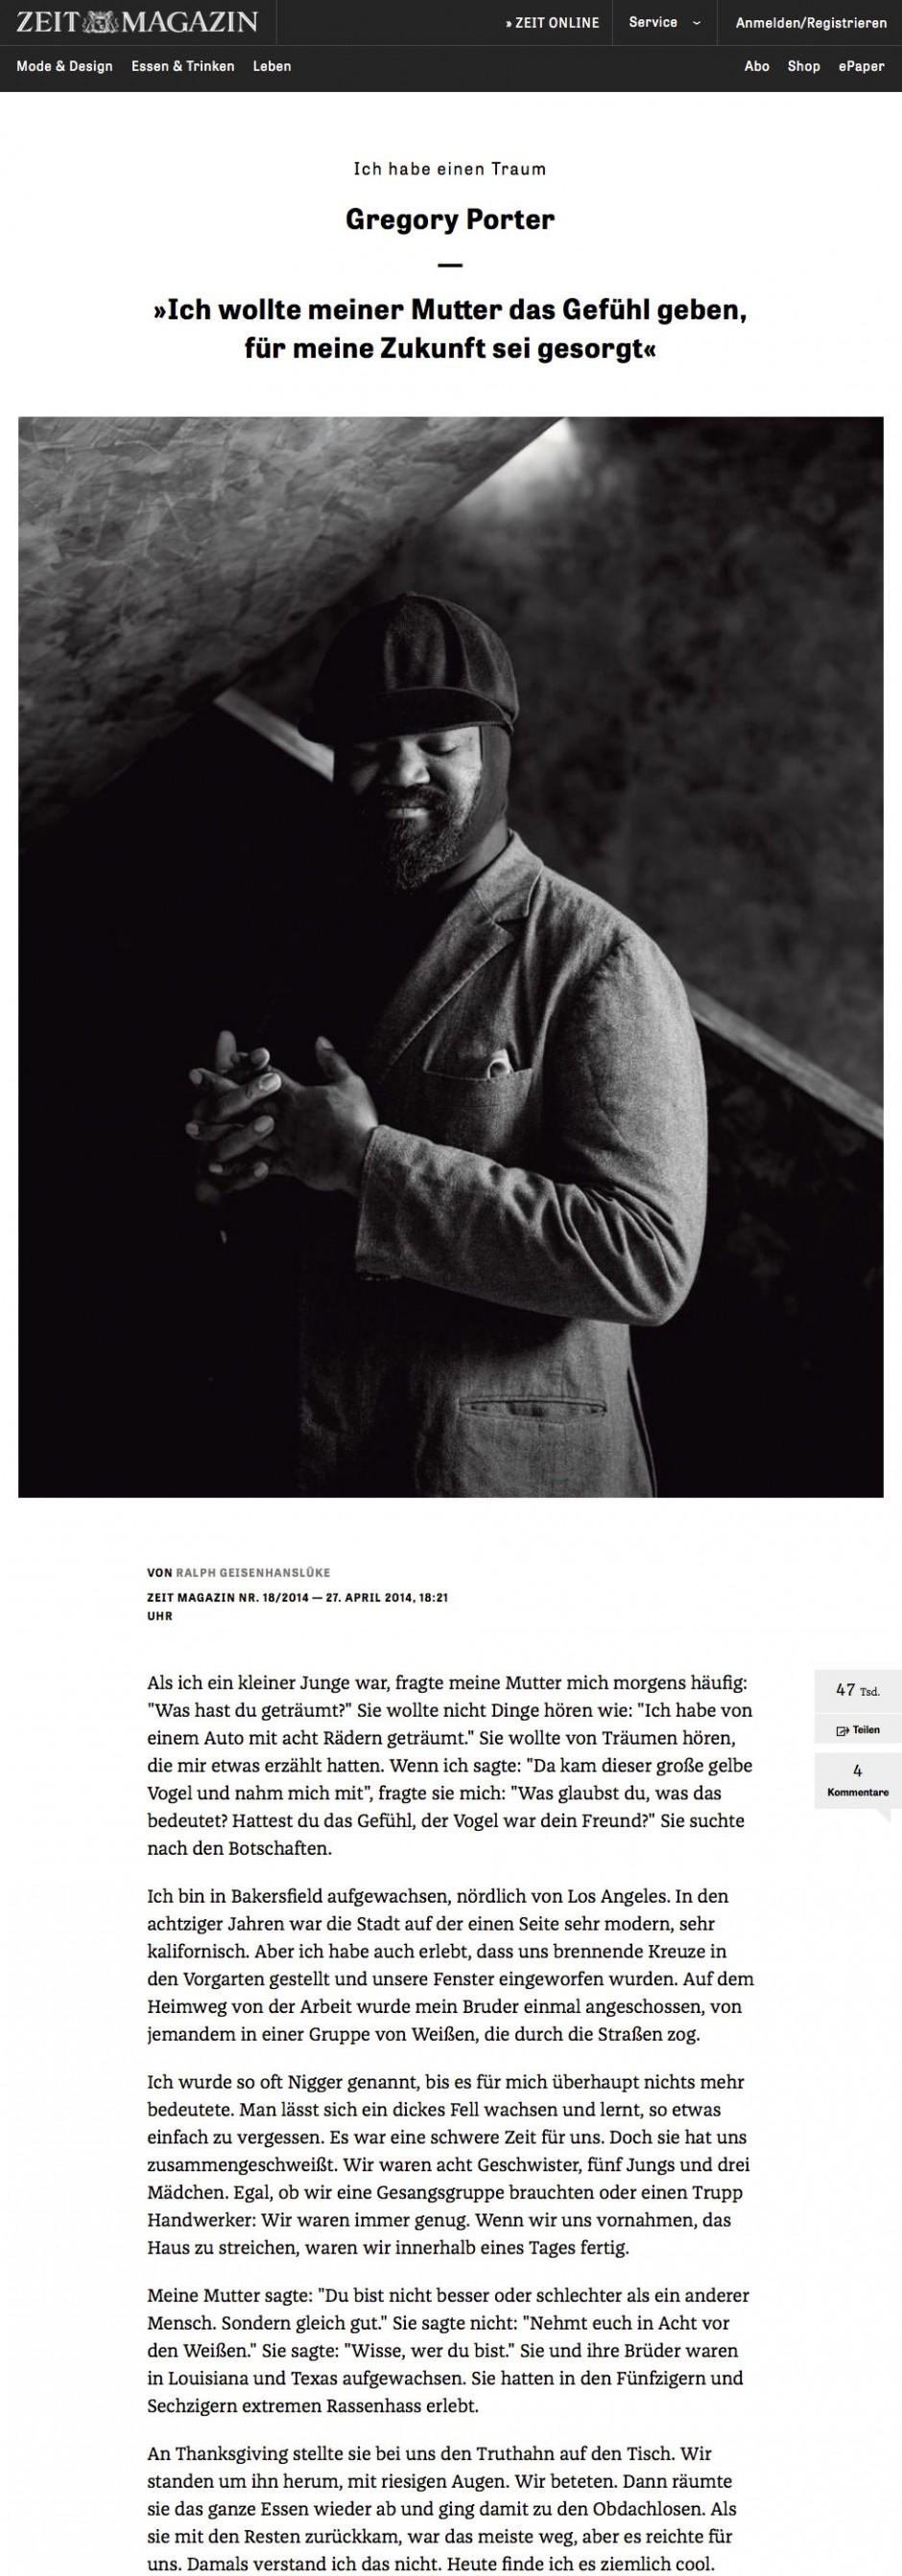 SZ_140508_Zeit_Online_Relaunch_Artikel-Traum